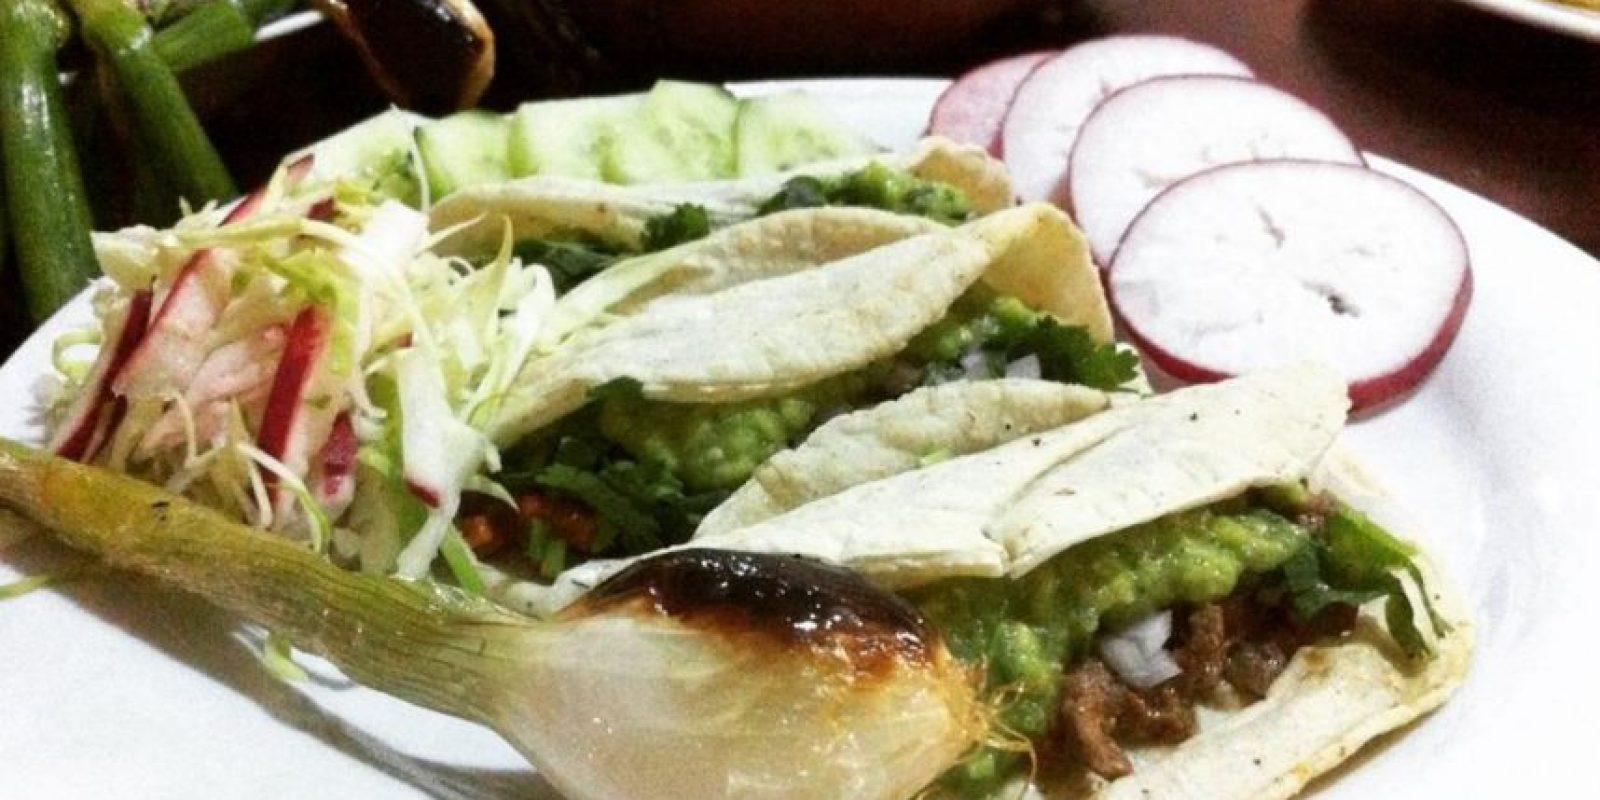 Las fotos de comida también pueden ser exitosas en Instagram. Foto:vía instagram.com/chef__natalia